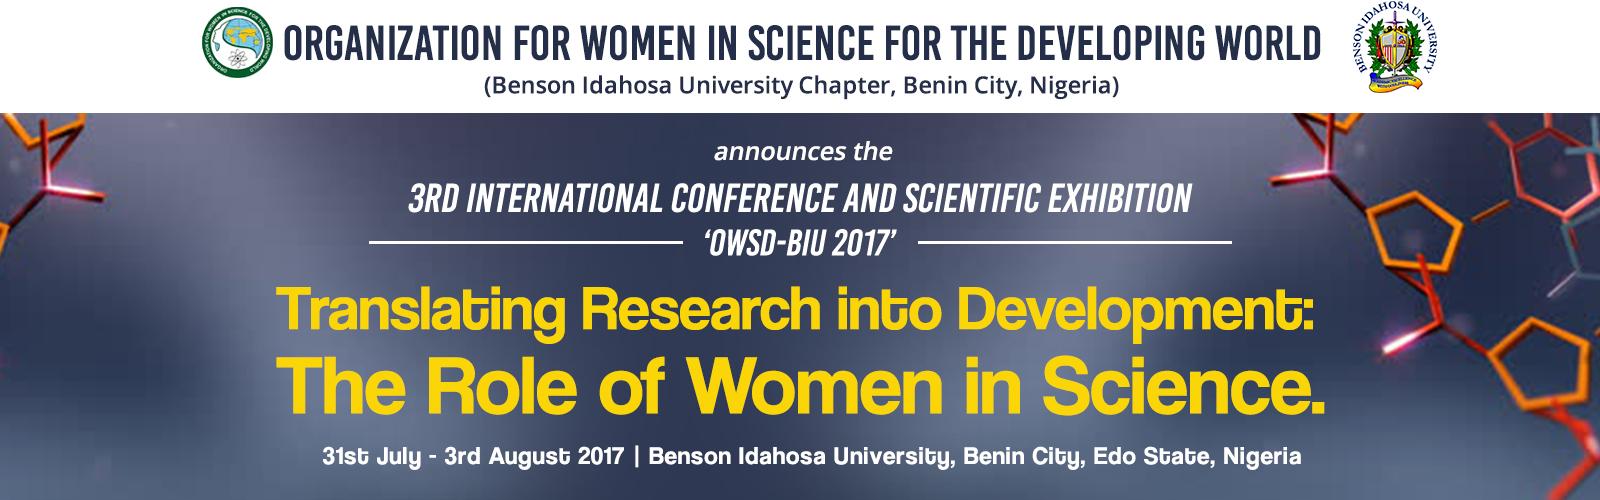 OWSD-BIU web banner